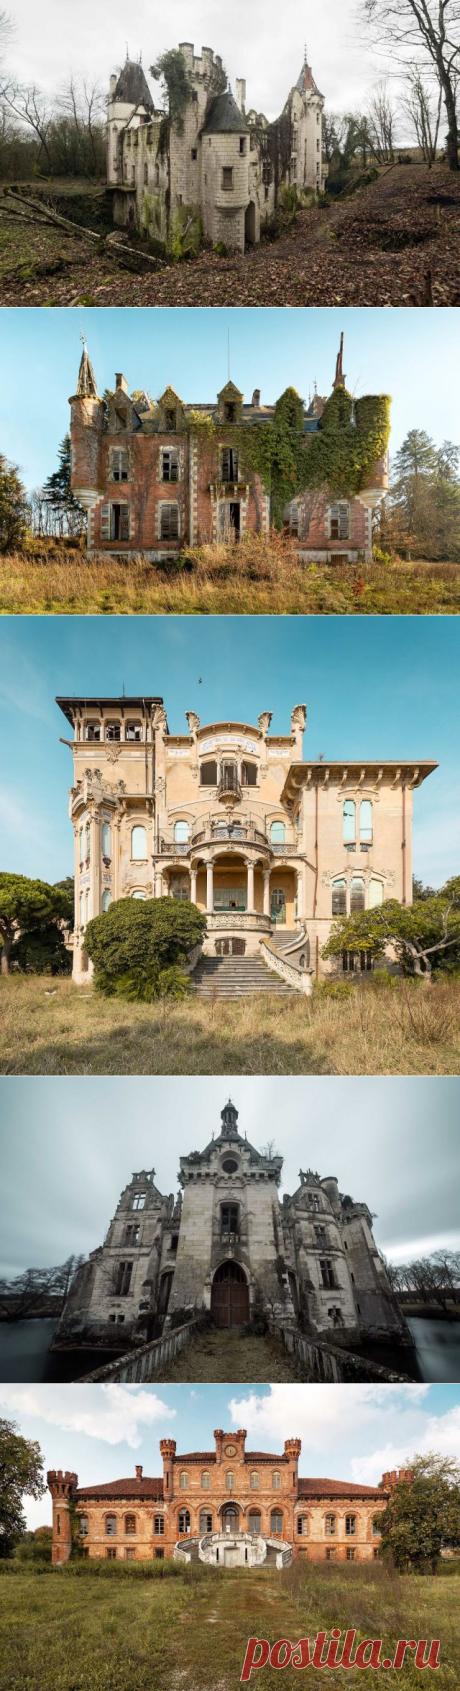 Красота заброшенных замков в фотографиях Дмитрия Буррио